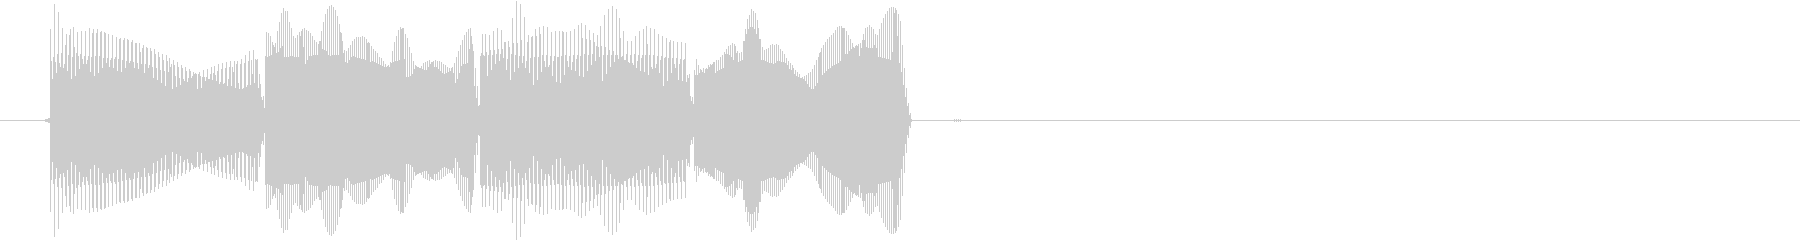 ピコピコ(エラー・アラート音)の未再生の波形